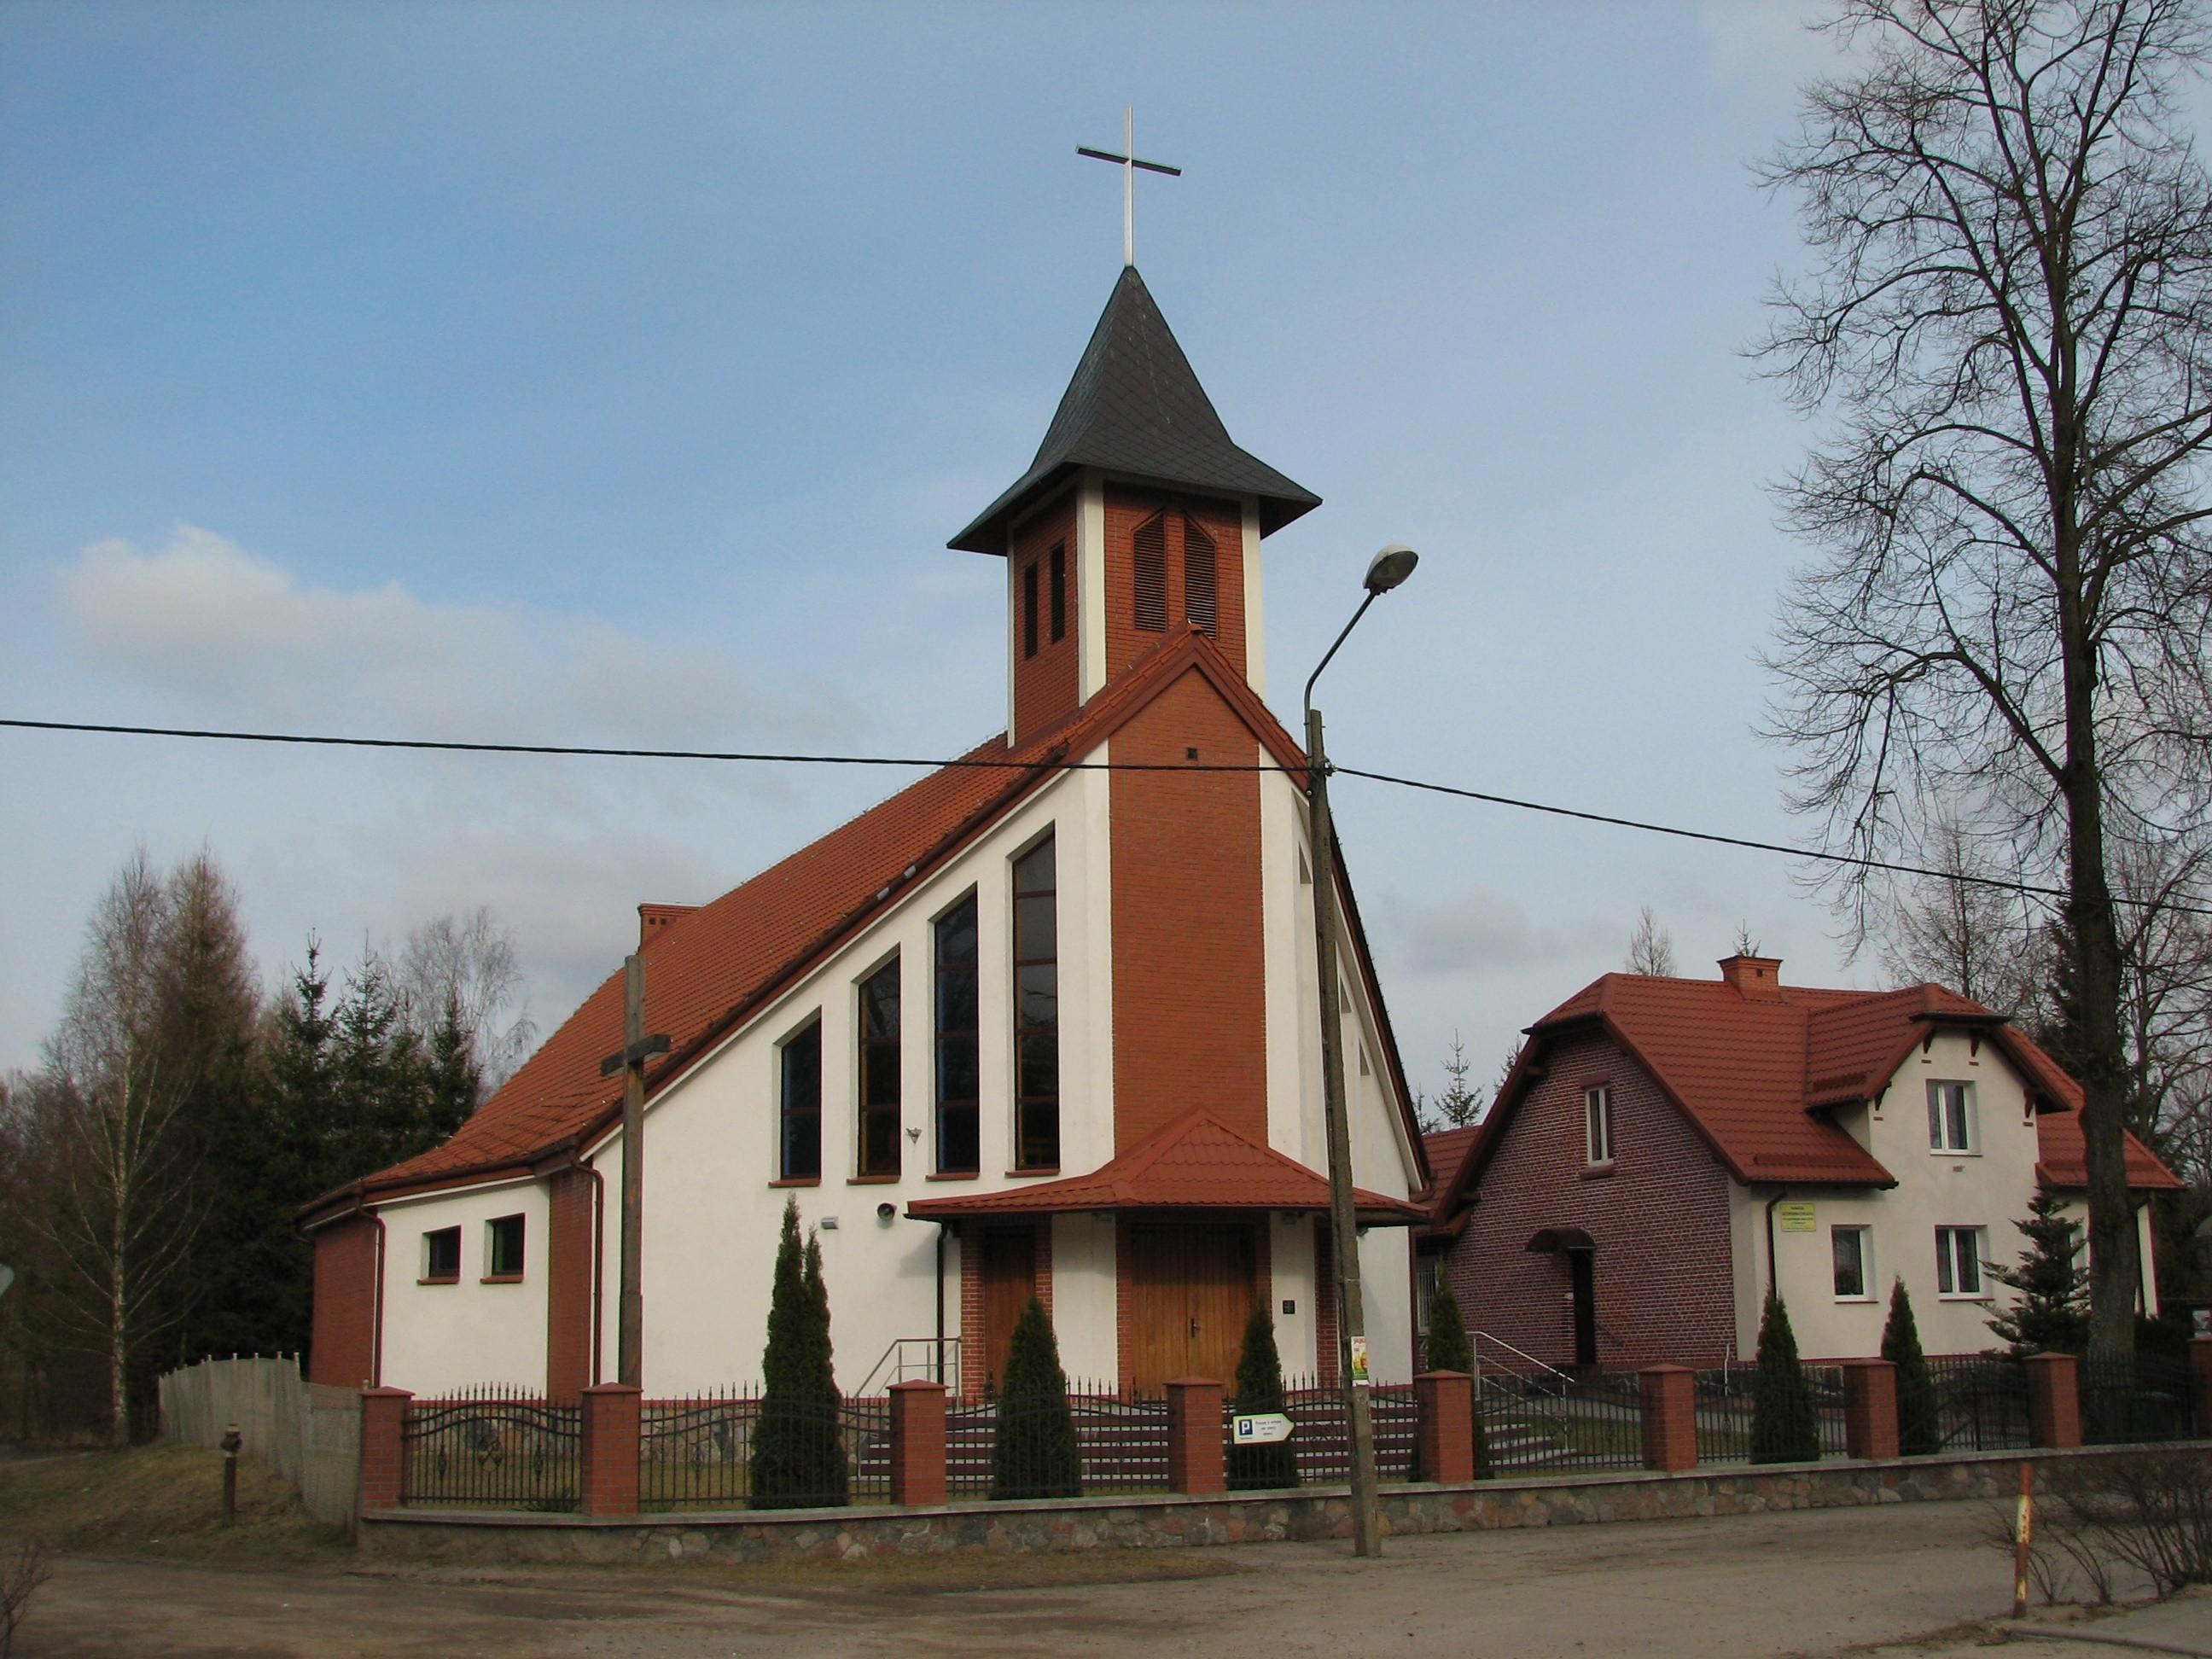 Kosewo - Parafia pw. św. Maksymiliana Marii Kolbe